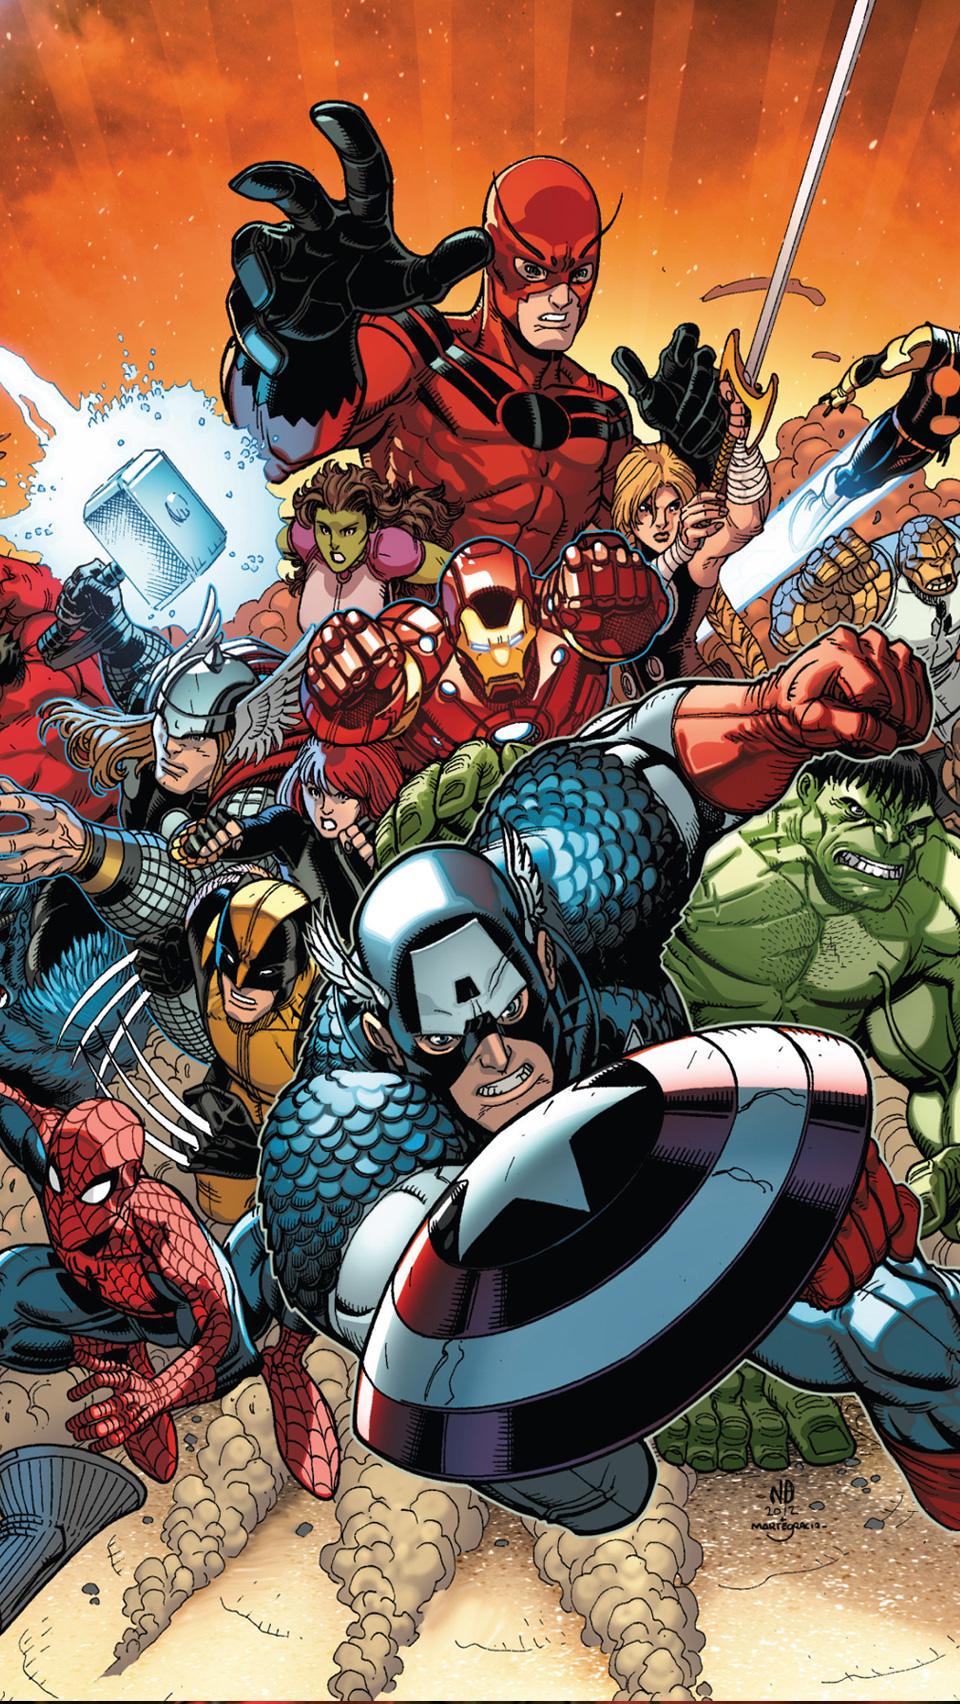 48+ Avengers Phone Wallpaper on WallpaperSafari